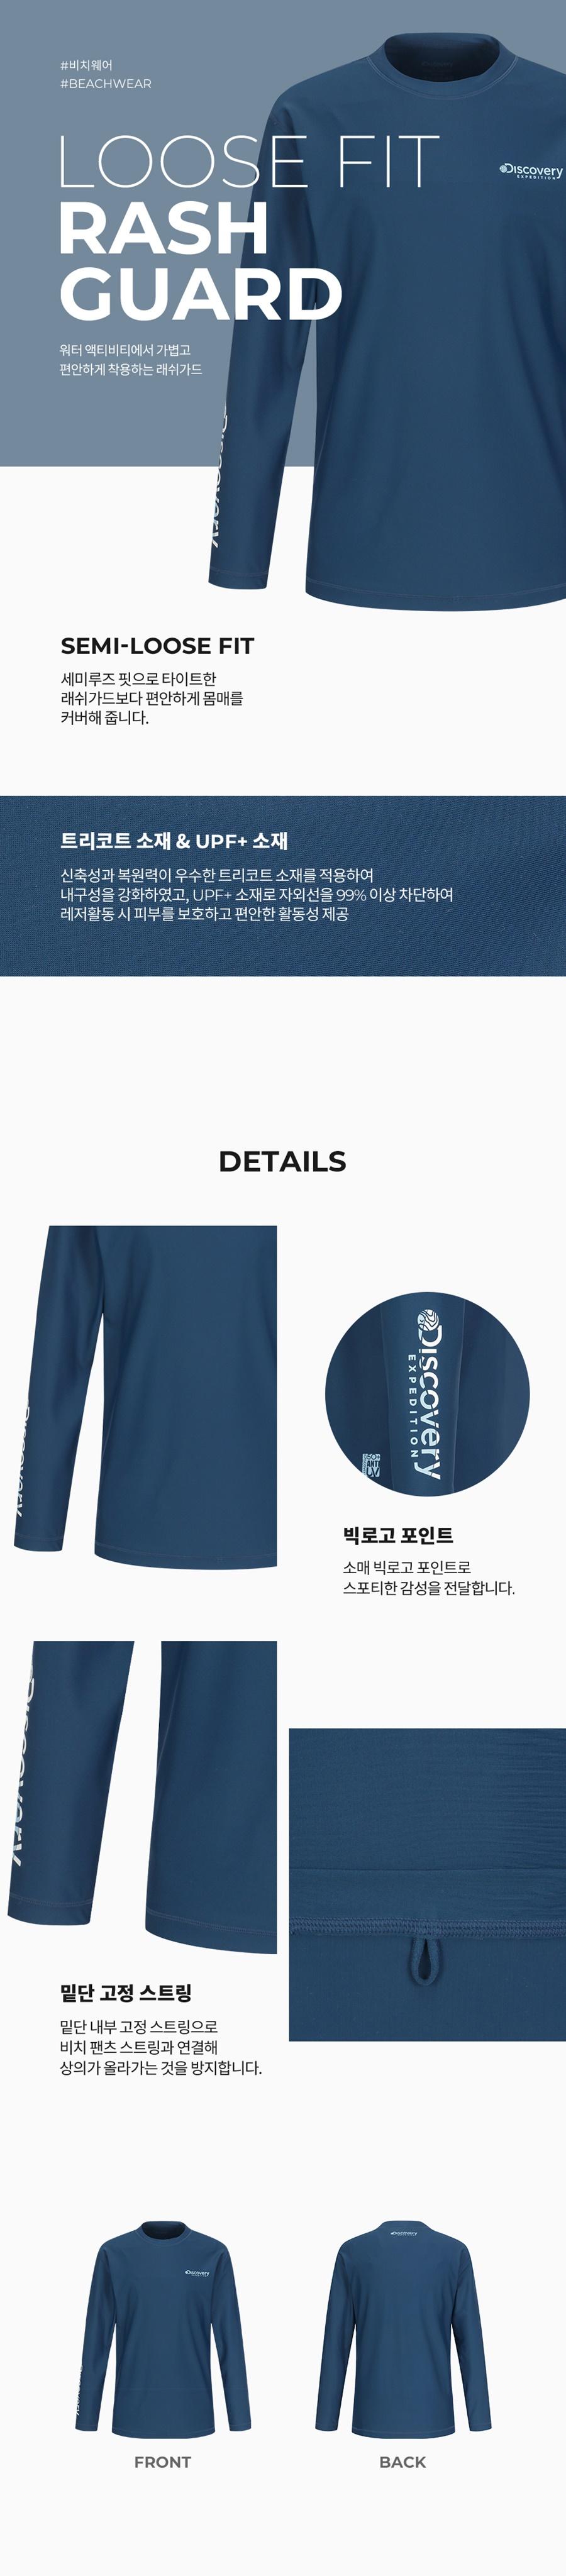 디스커버리 익스페디션(DISCOVERY EXPEDITION) 루즈핏 남성 래쉬가드 (Turquoise)